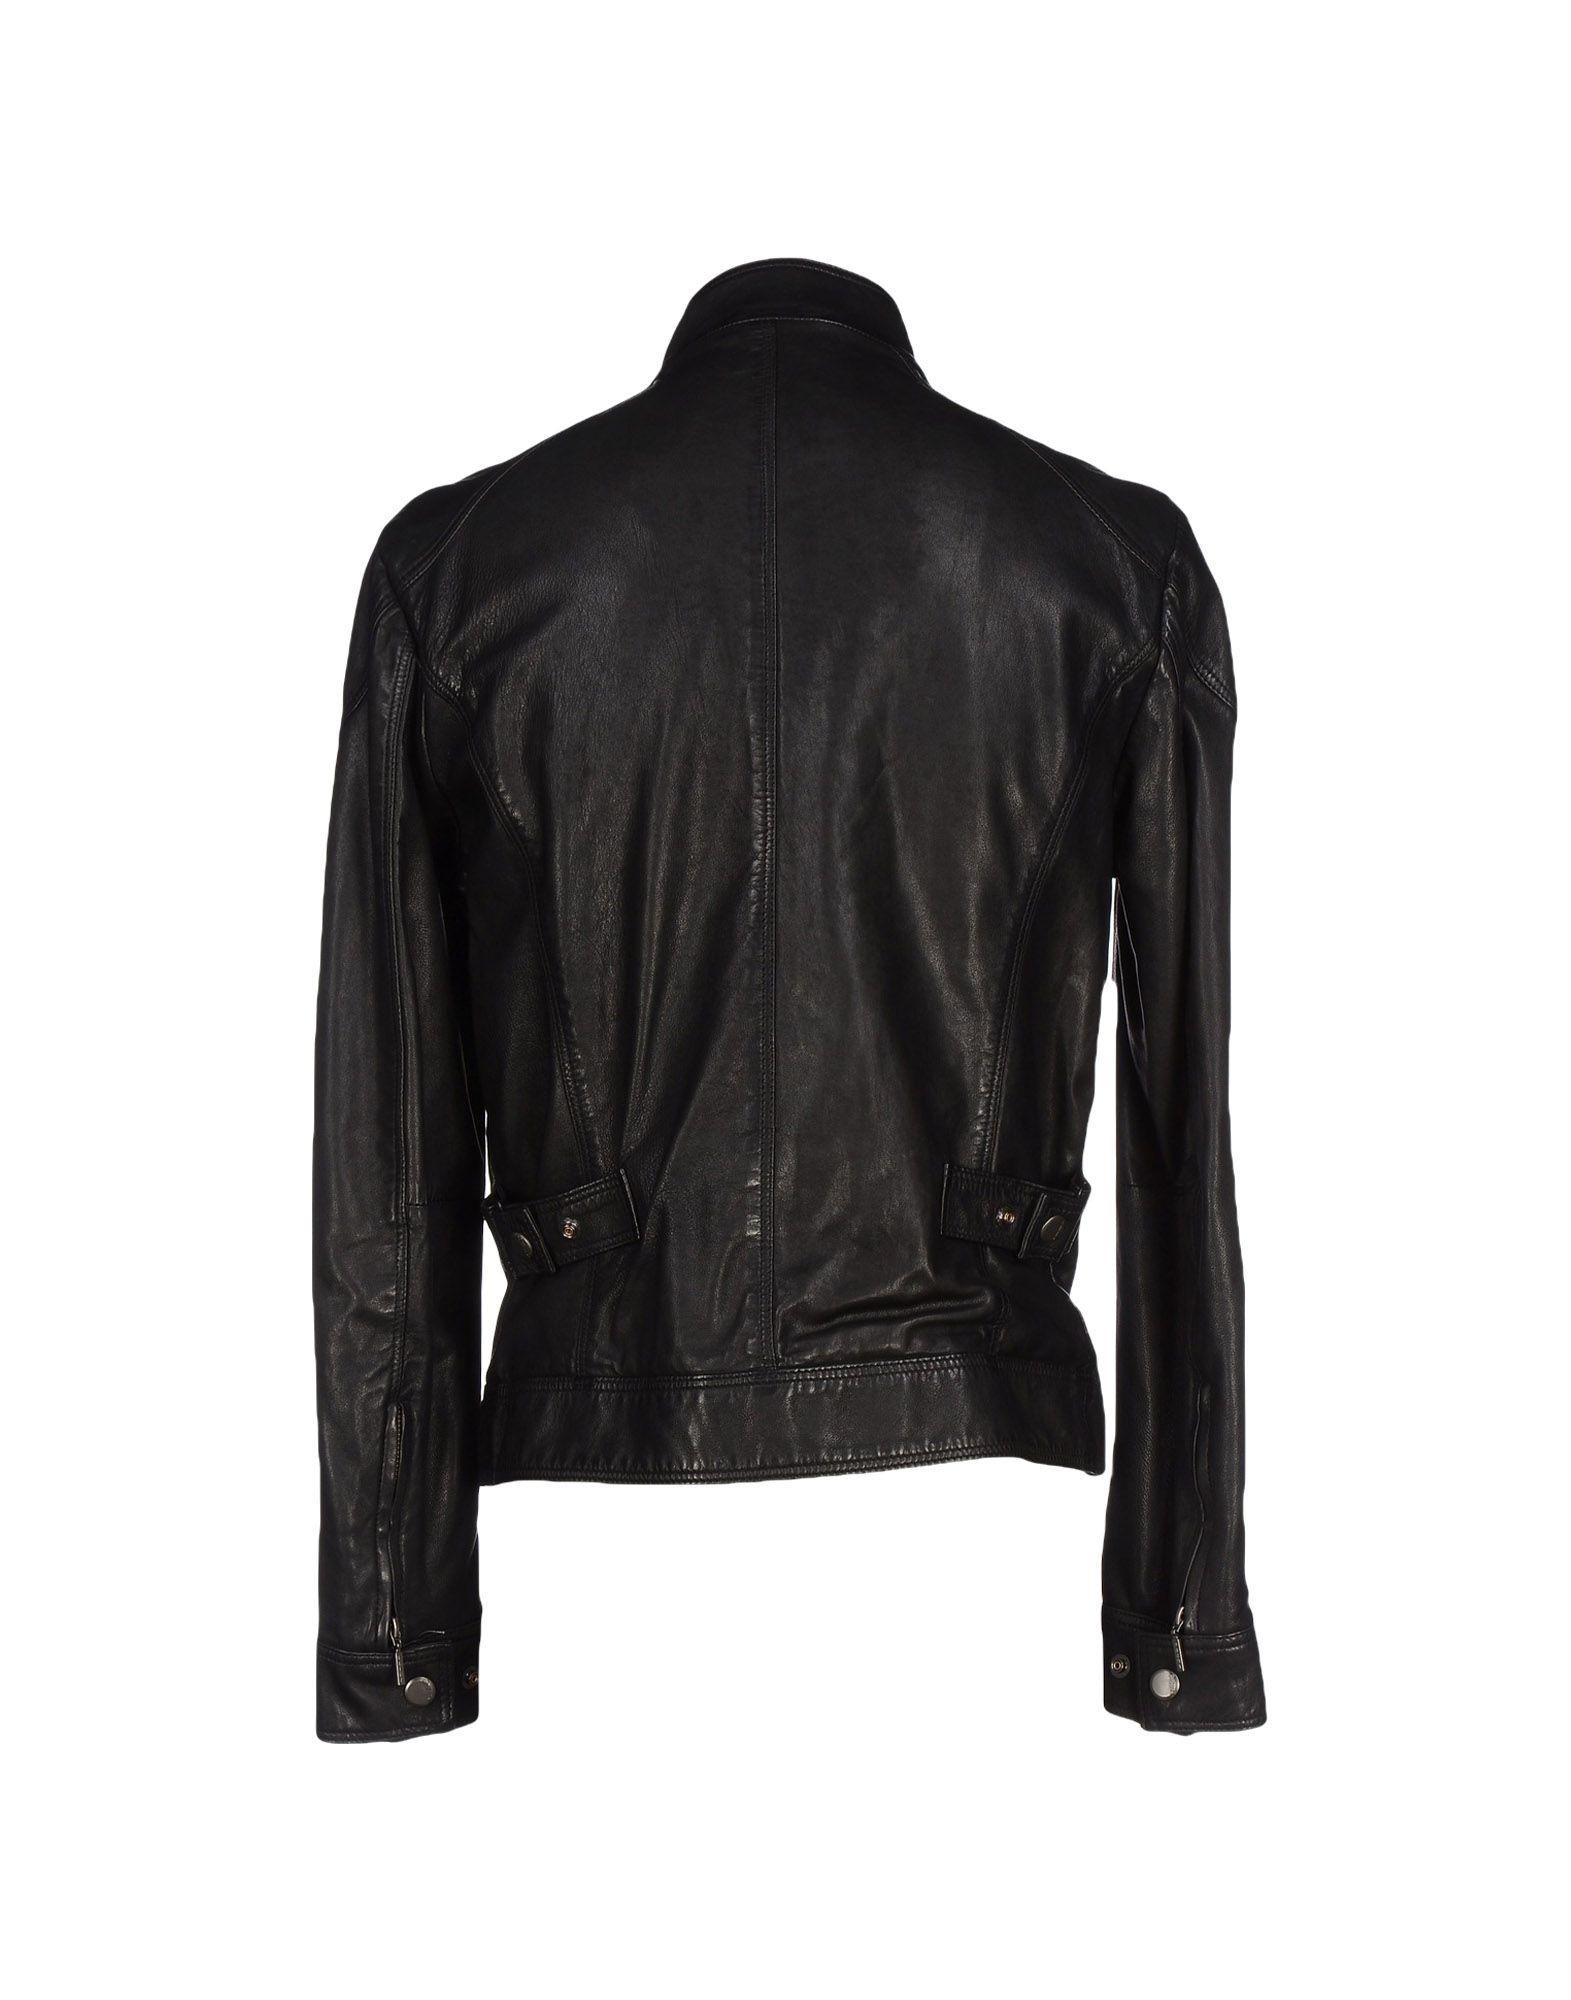 Brema Leather Jacket in Black for Men